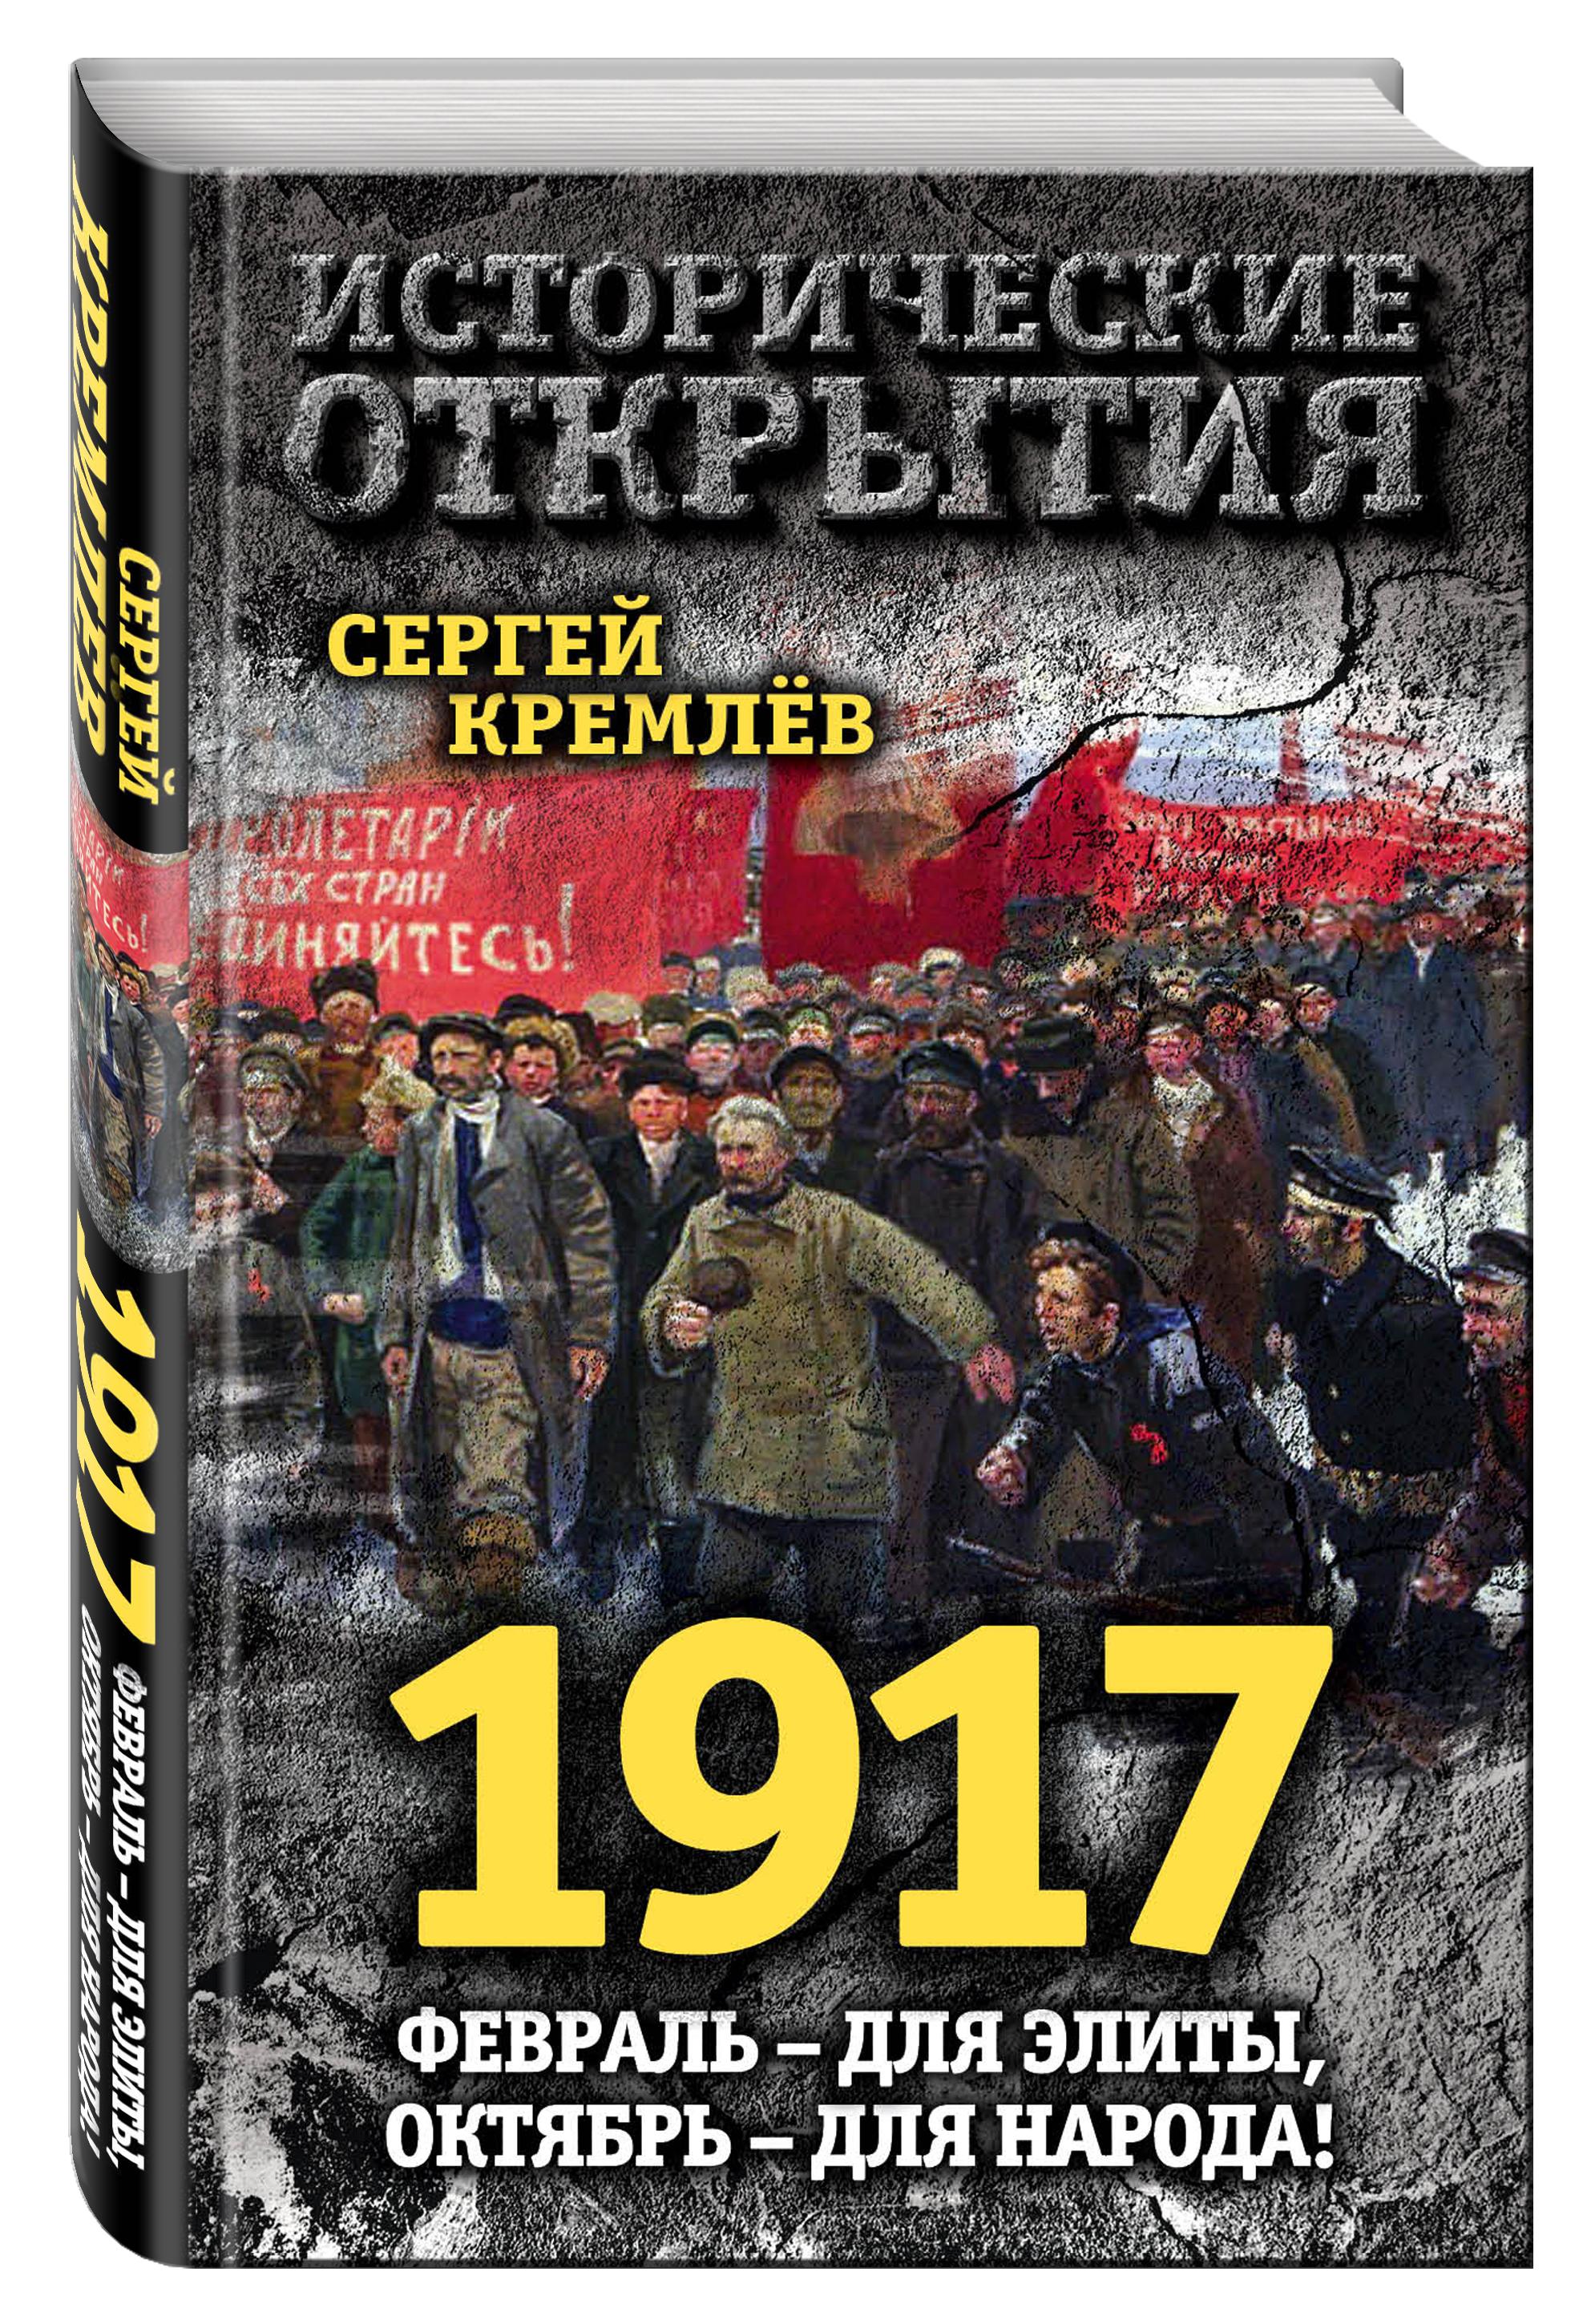 Кремлёв С. 1917. Февраль – для элиты, Октябрь – для народа! мельгунов с мартовские дни 1917 года